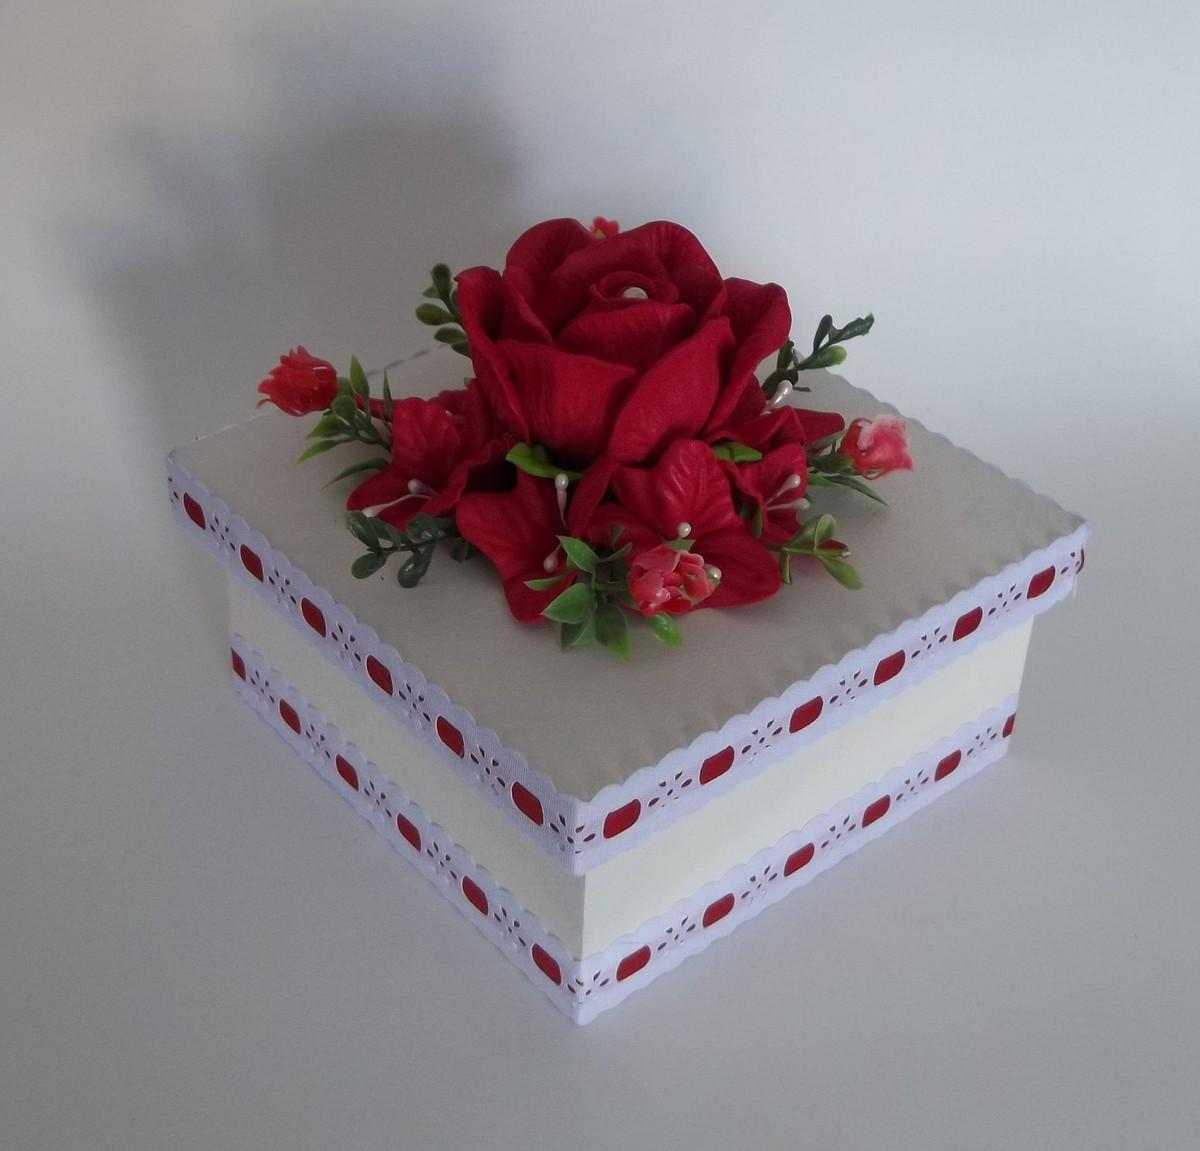 > Caixas Decoradas > Caixa em Mdf Decorada com Flores em Eva #6F1221 1200x1151